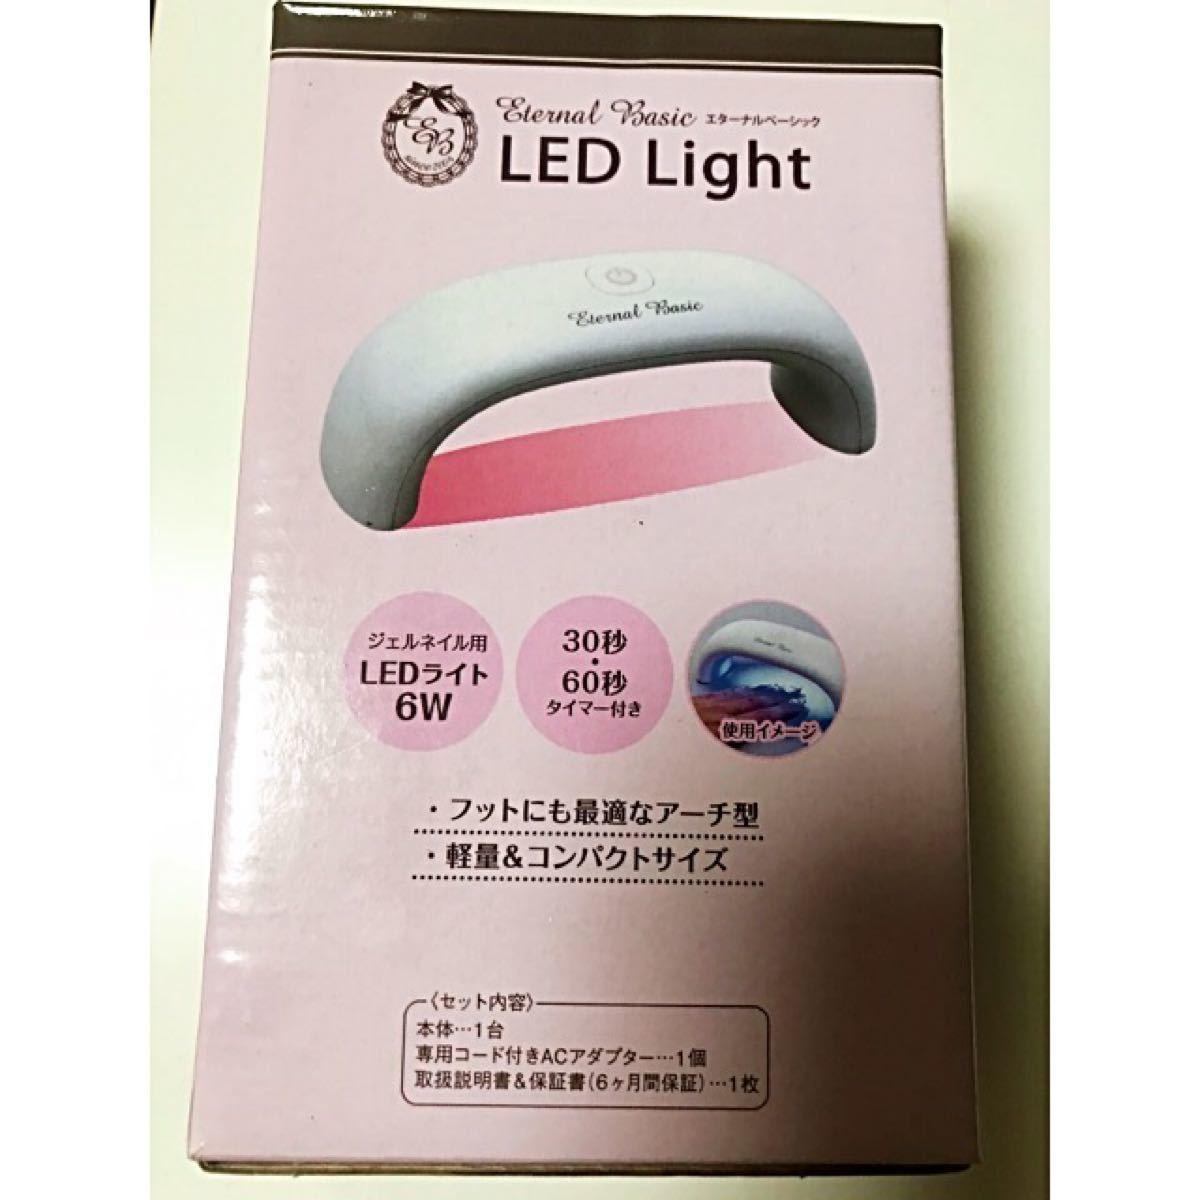 EB LEDライト2 led 03